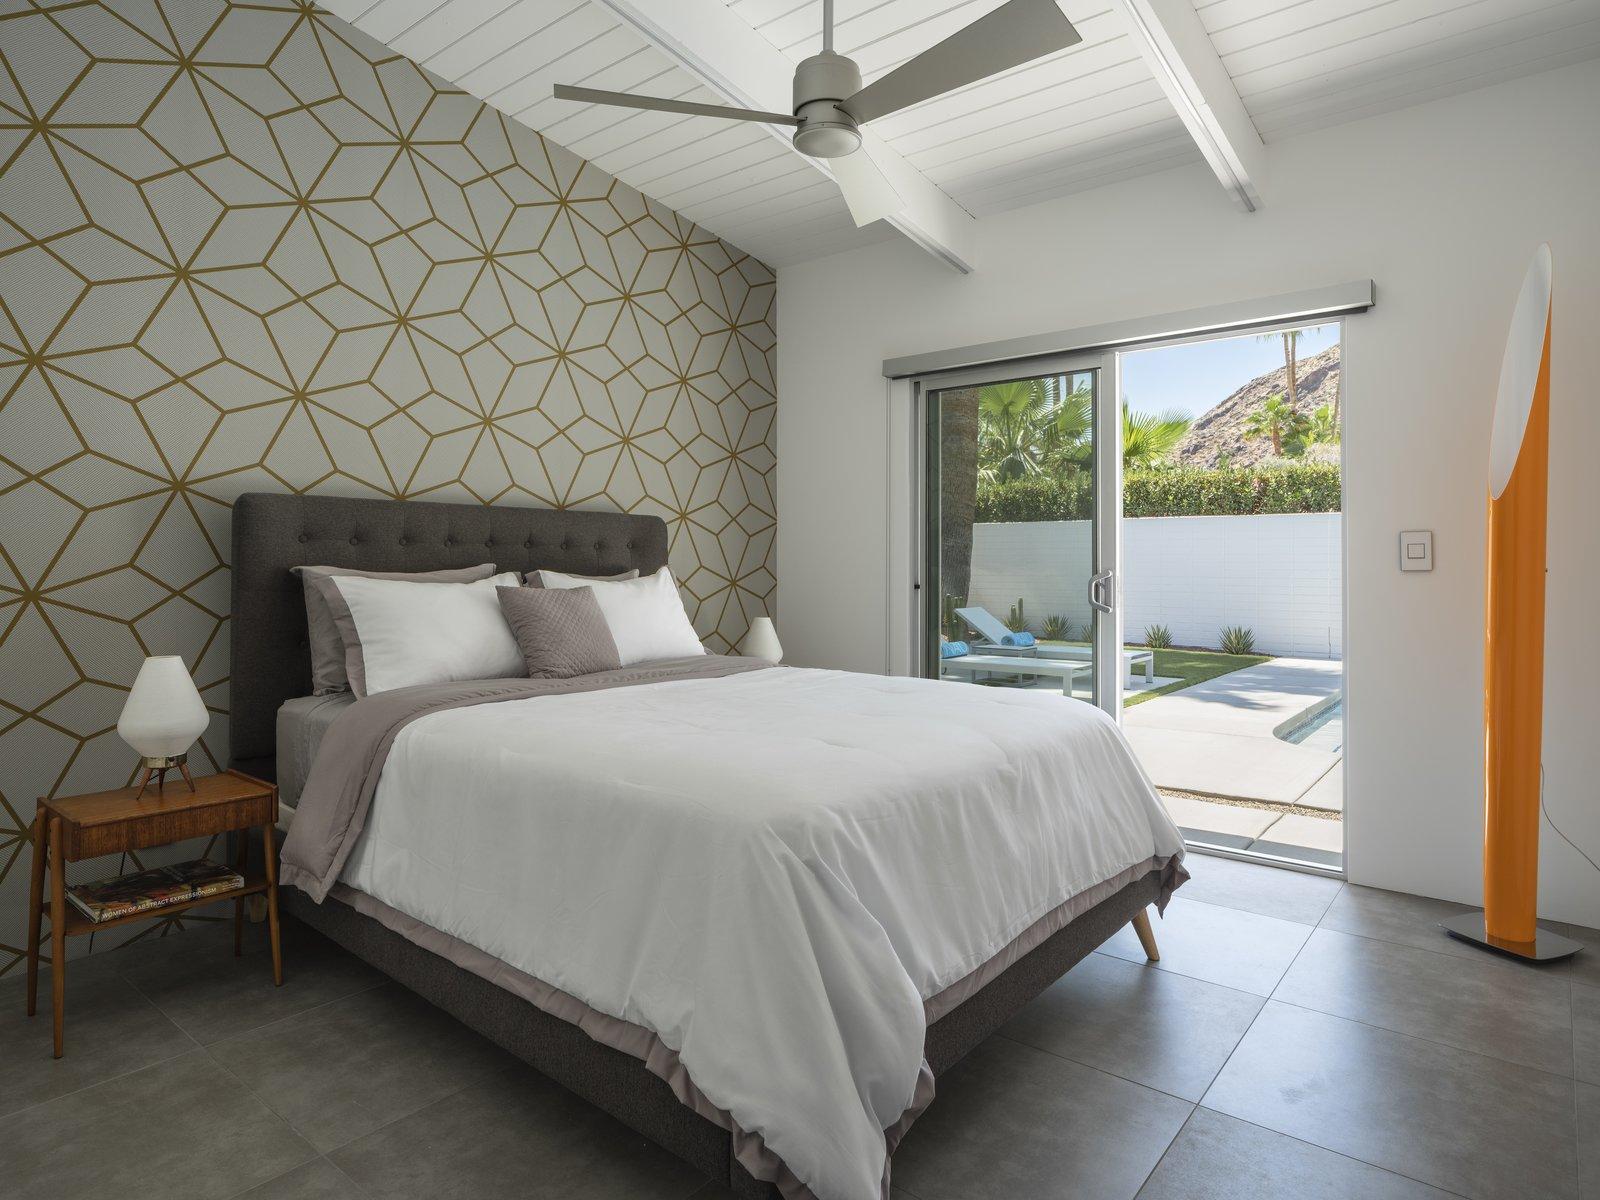 Midcentury Alexander bedroom